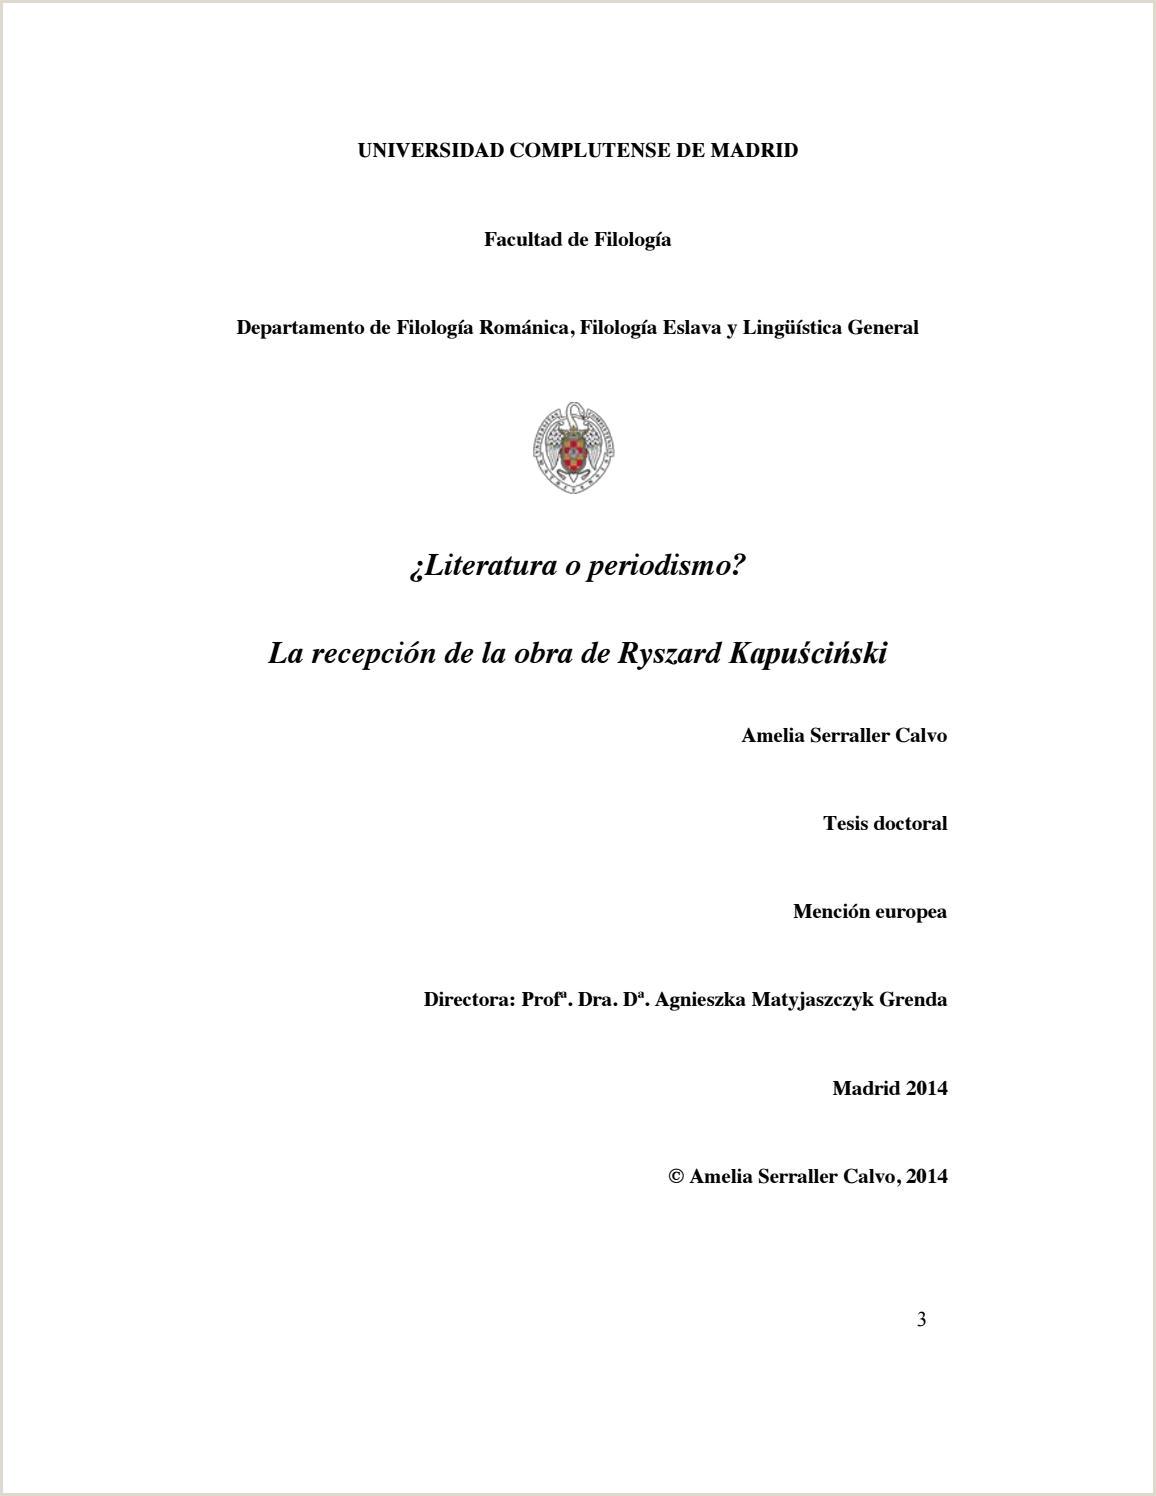 Formato De Hoja De Vida Del Ministerio Del Trabajo Literatura O Periodismo La Recepci³n De La Obra De Ryzard